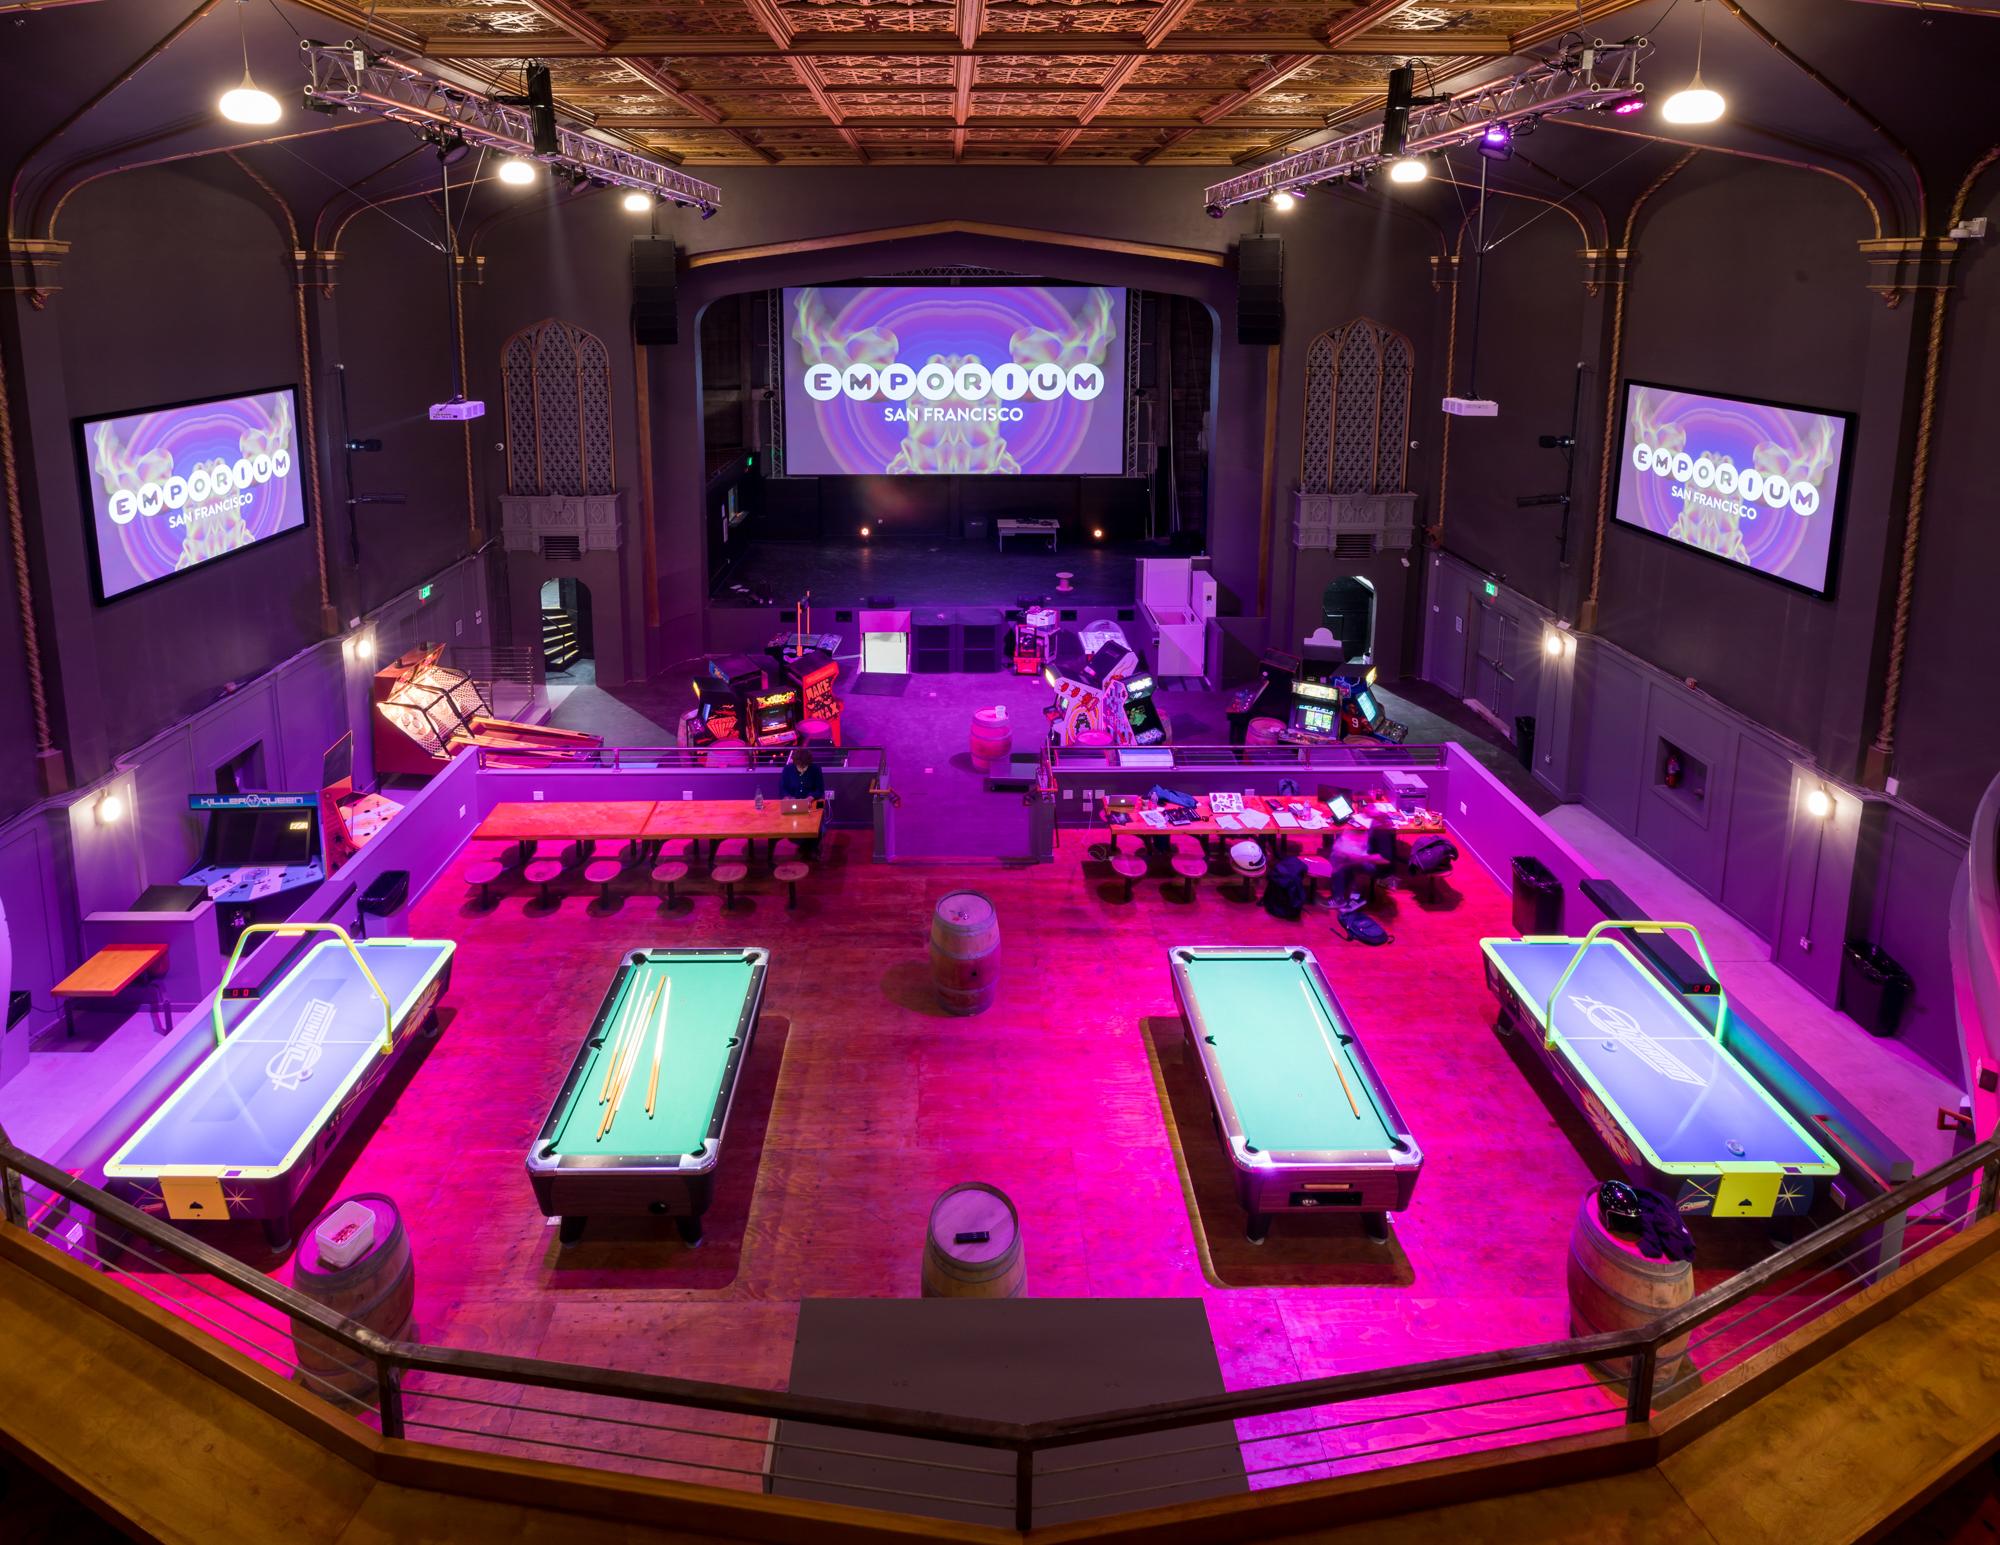 Tabletop Arcade Games >> Enter Emporium, an Arcade Bar and Venue in a Long-Vacant Divisadero Theater - Eater SF